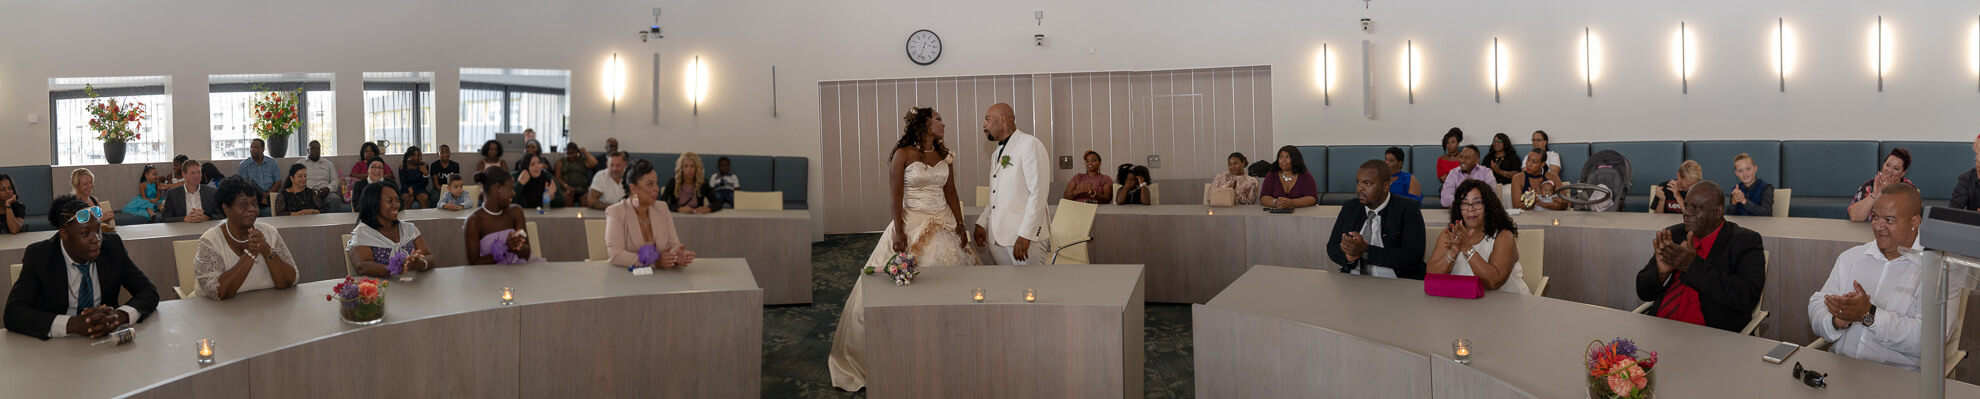 trouwceremonie, trouwen